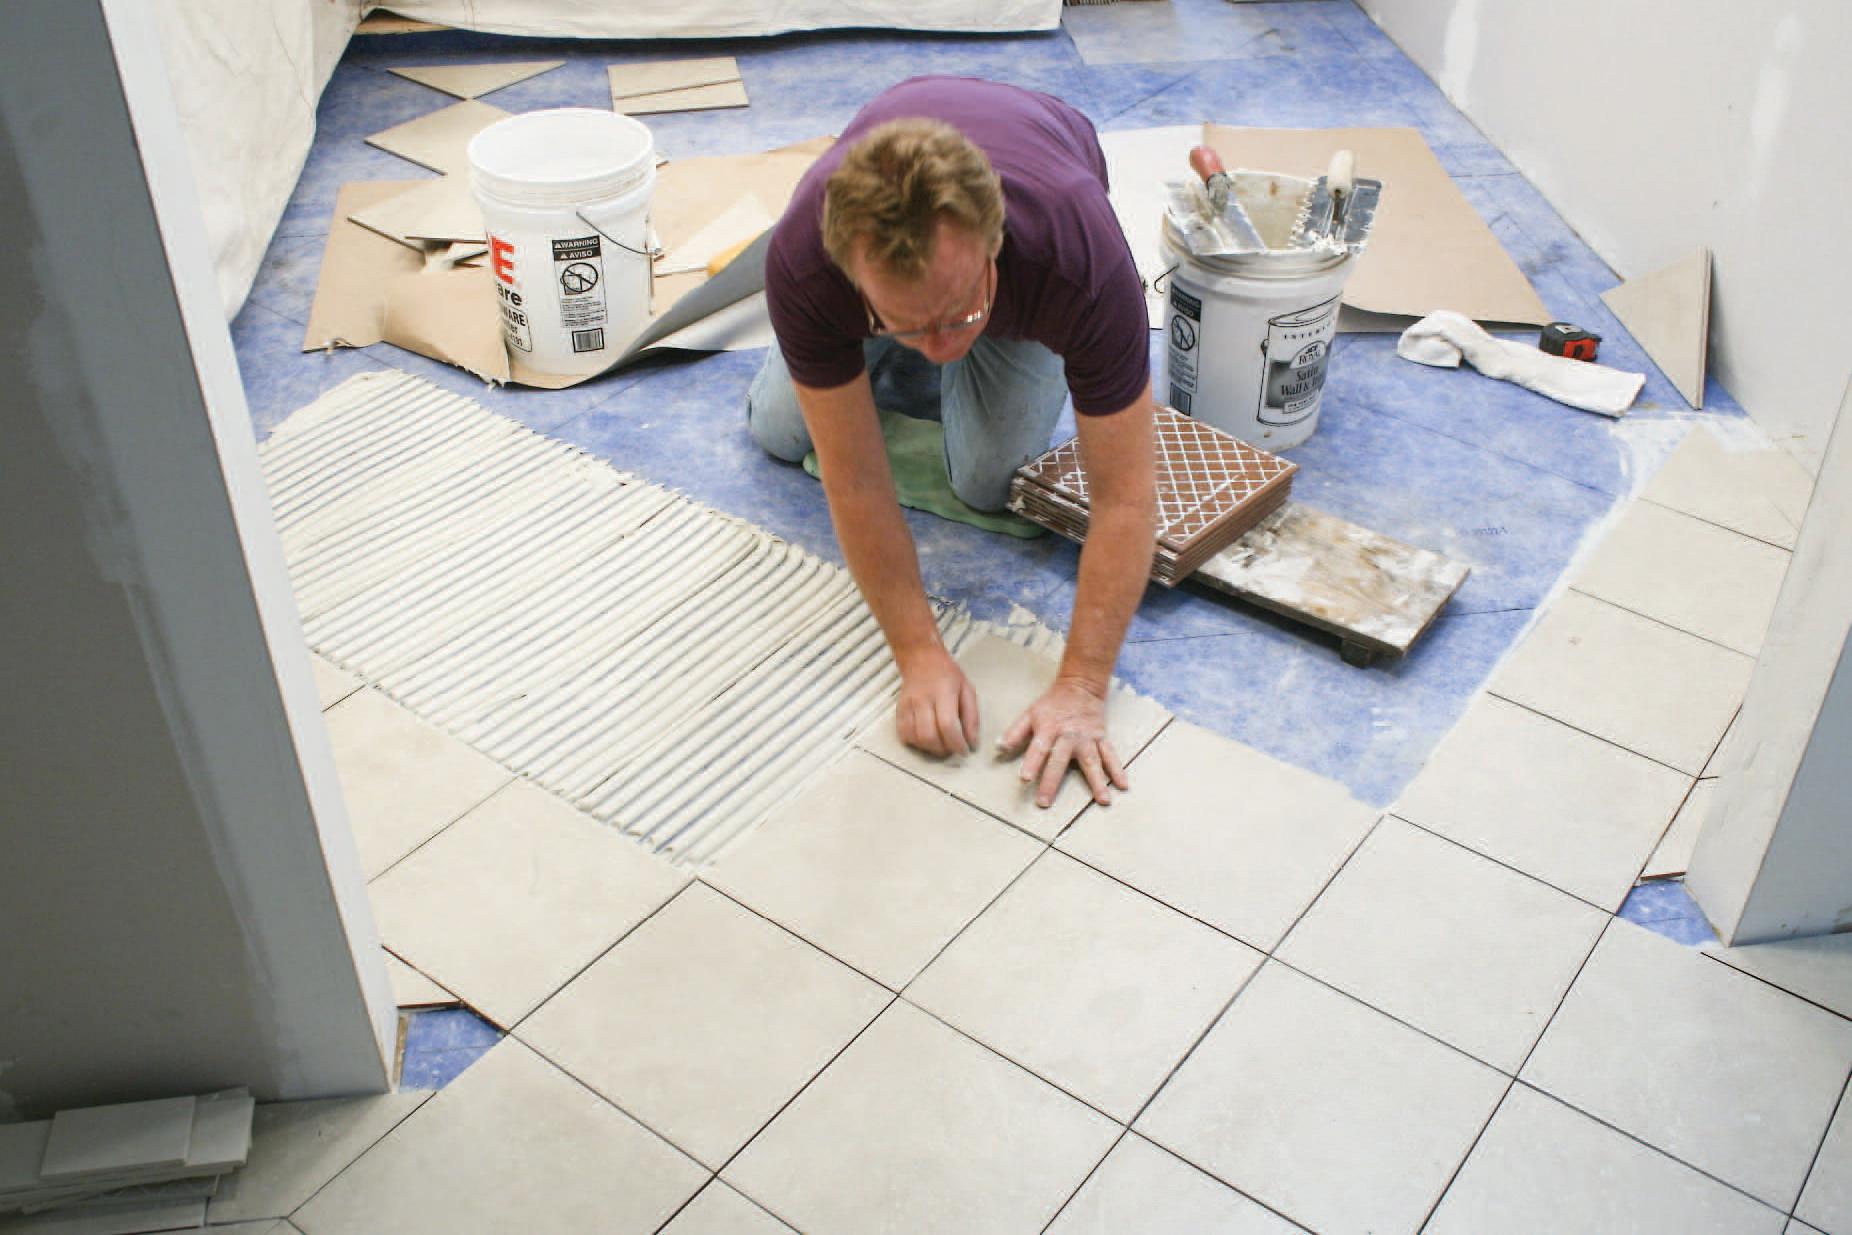 Укладка плитки на пол своими руками. Как правильно выложить 24